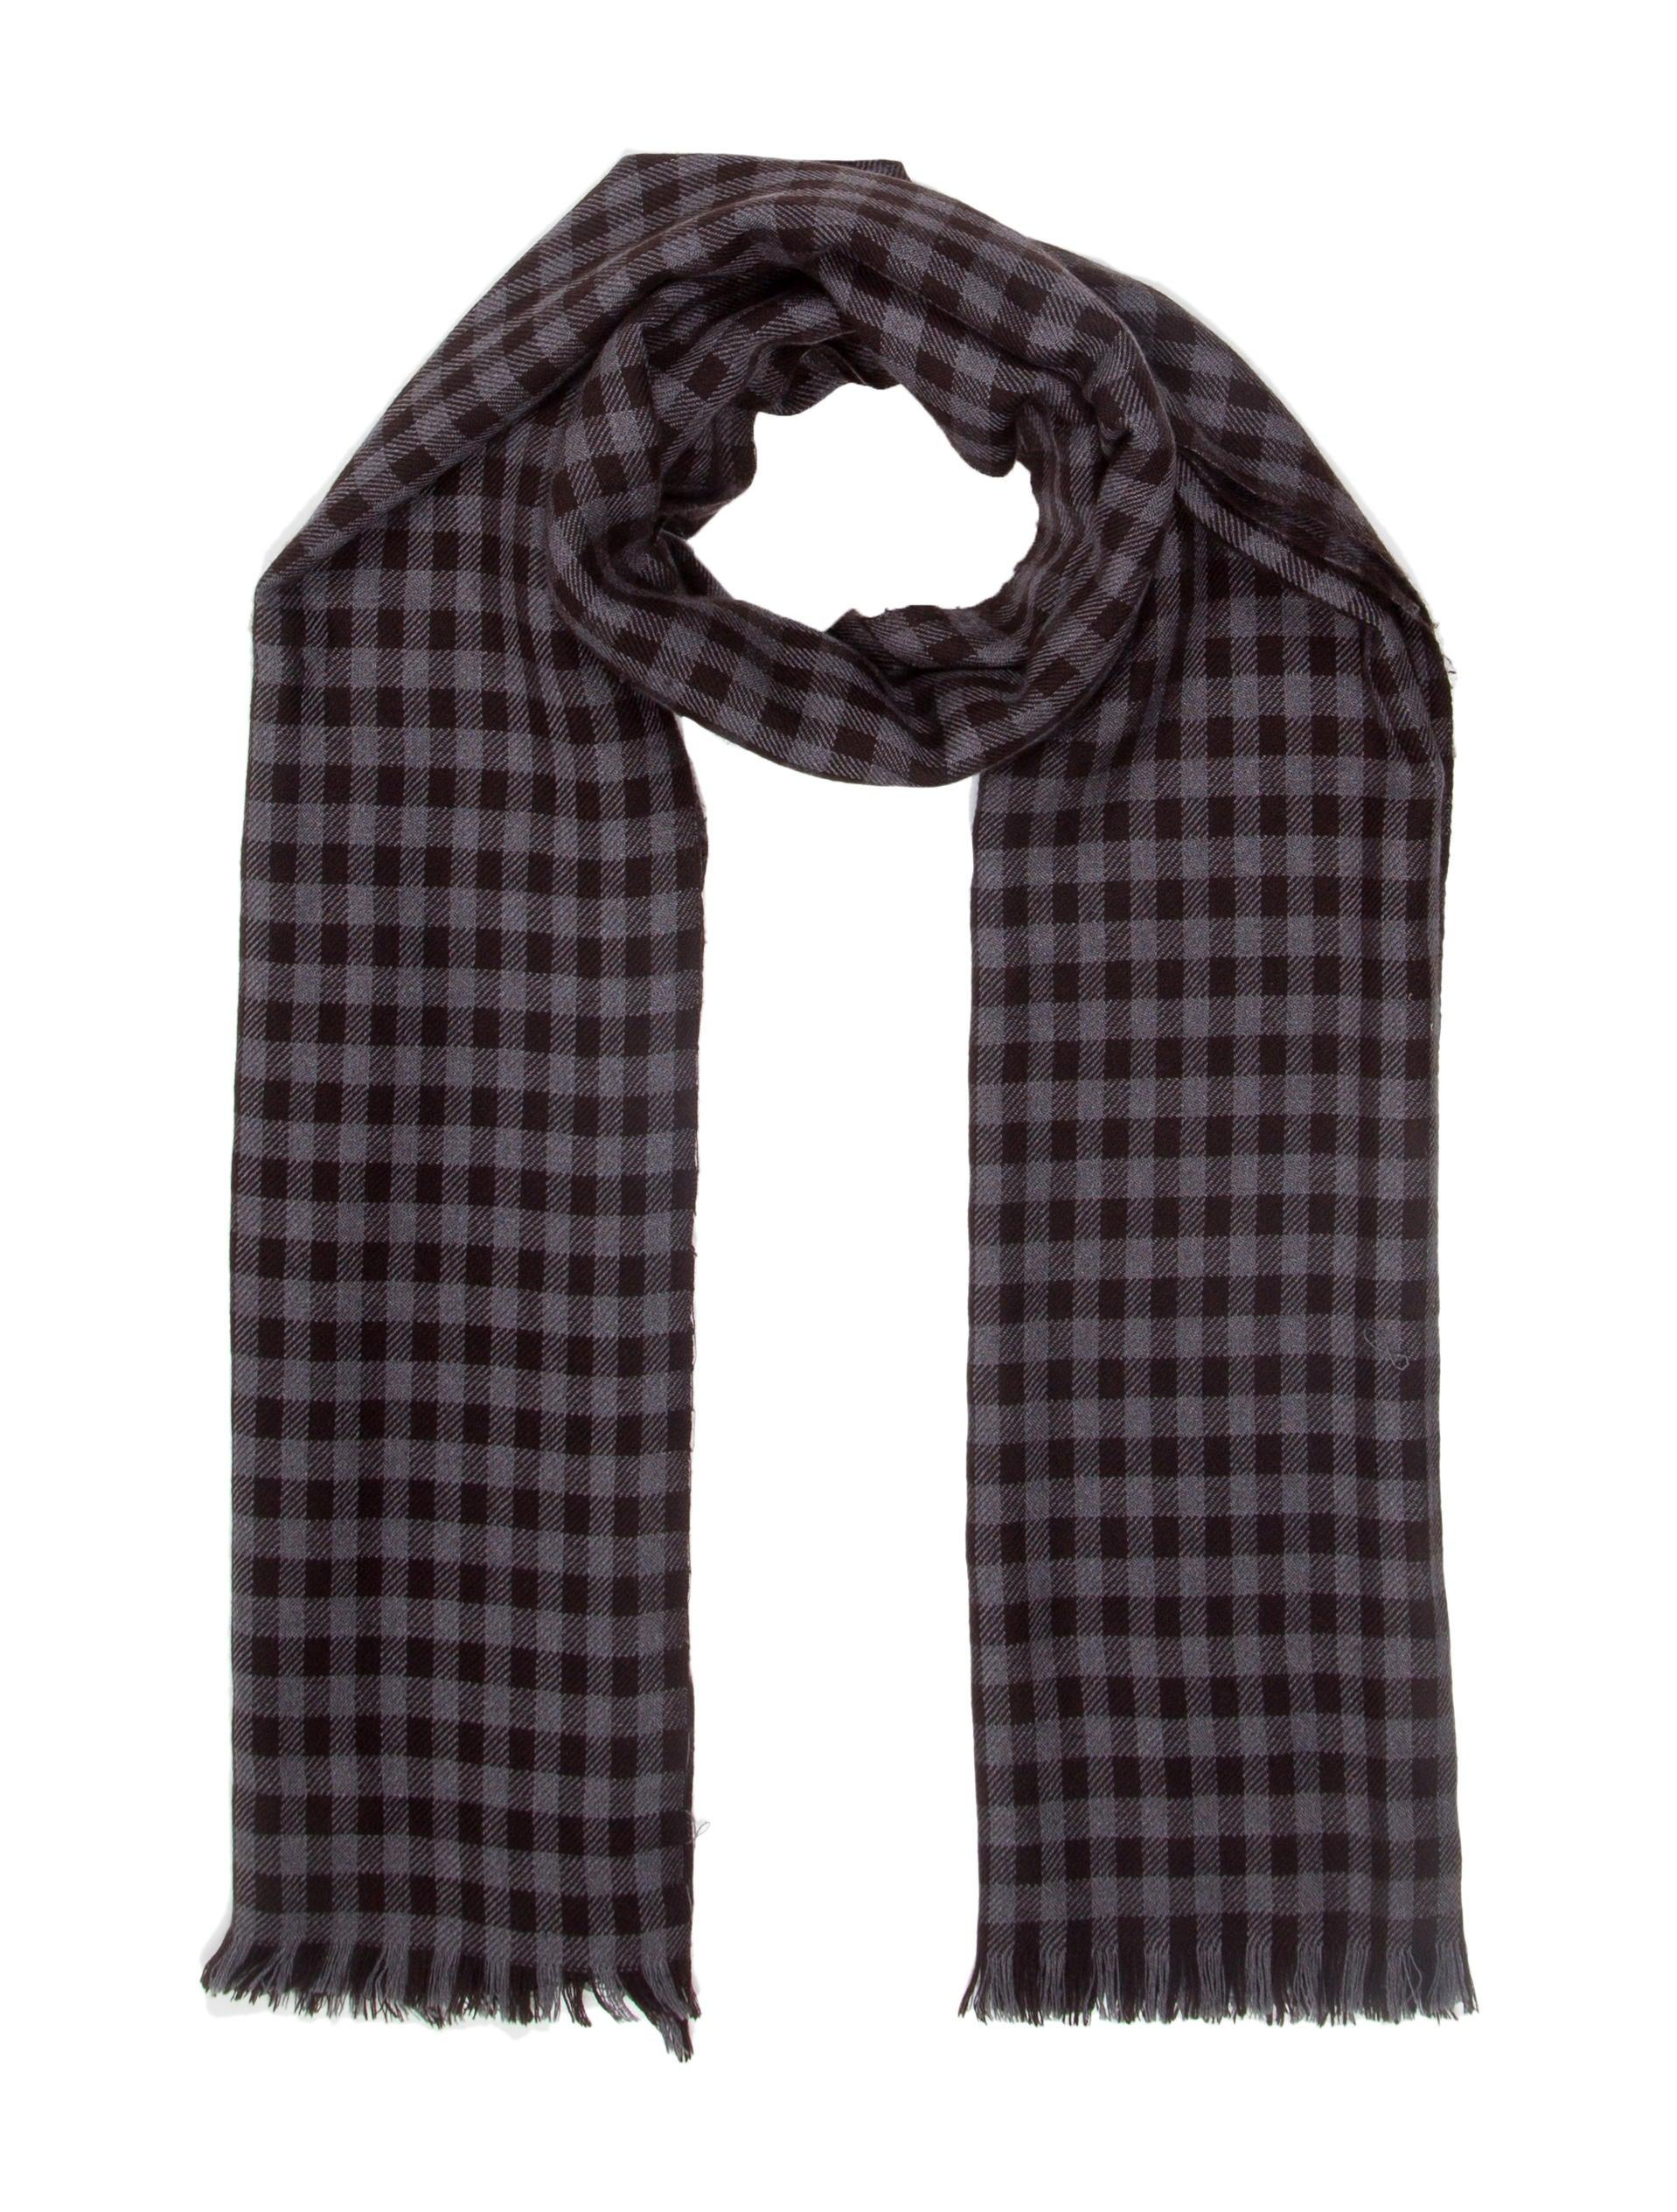 tom ford silk scarf accessories tom23895